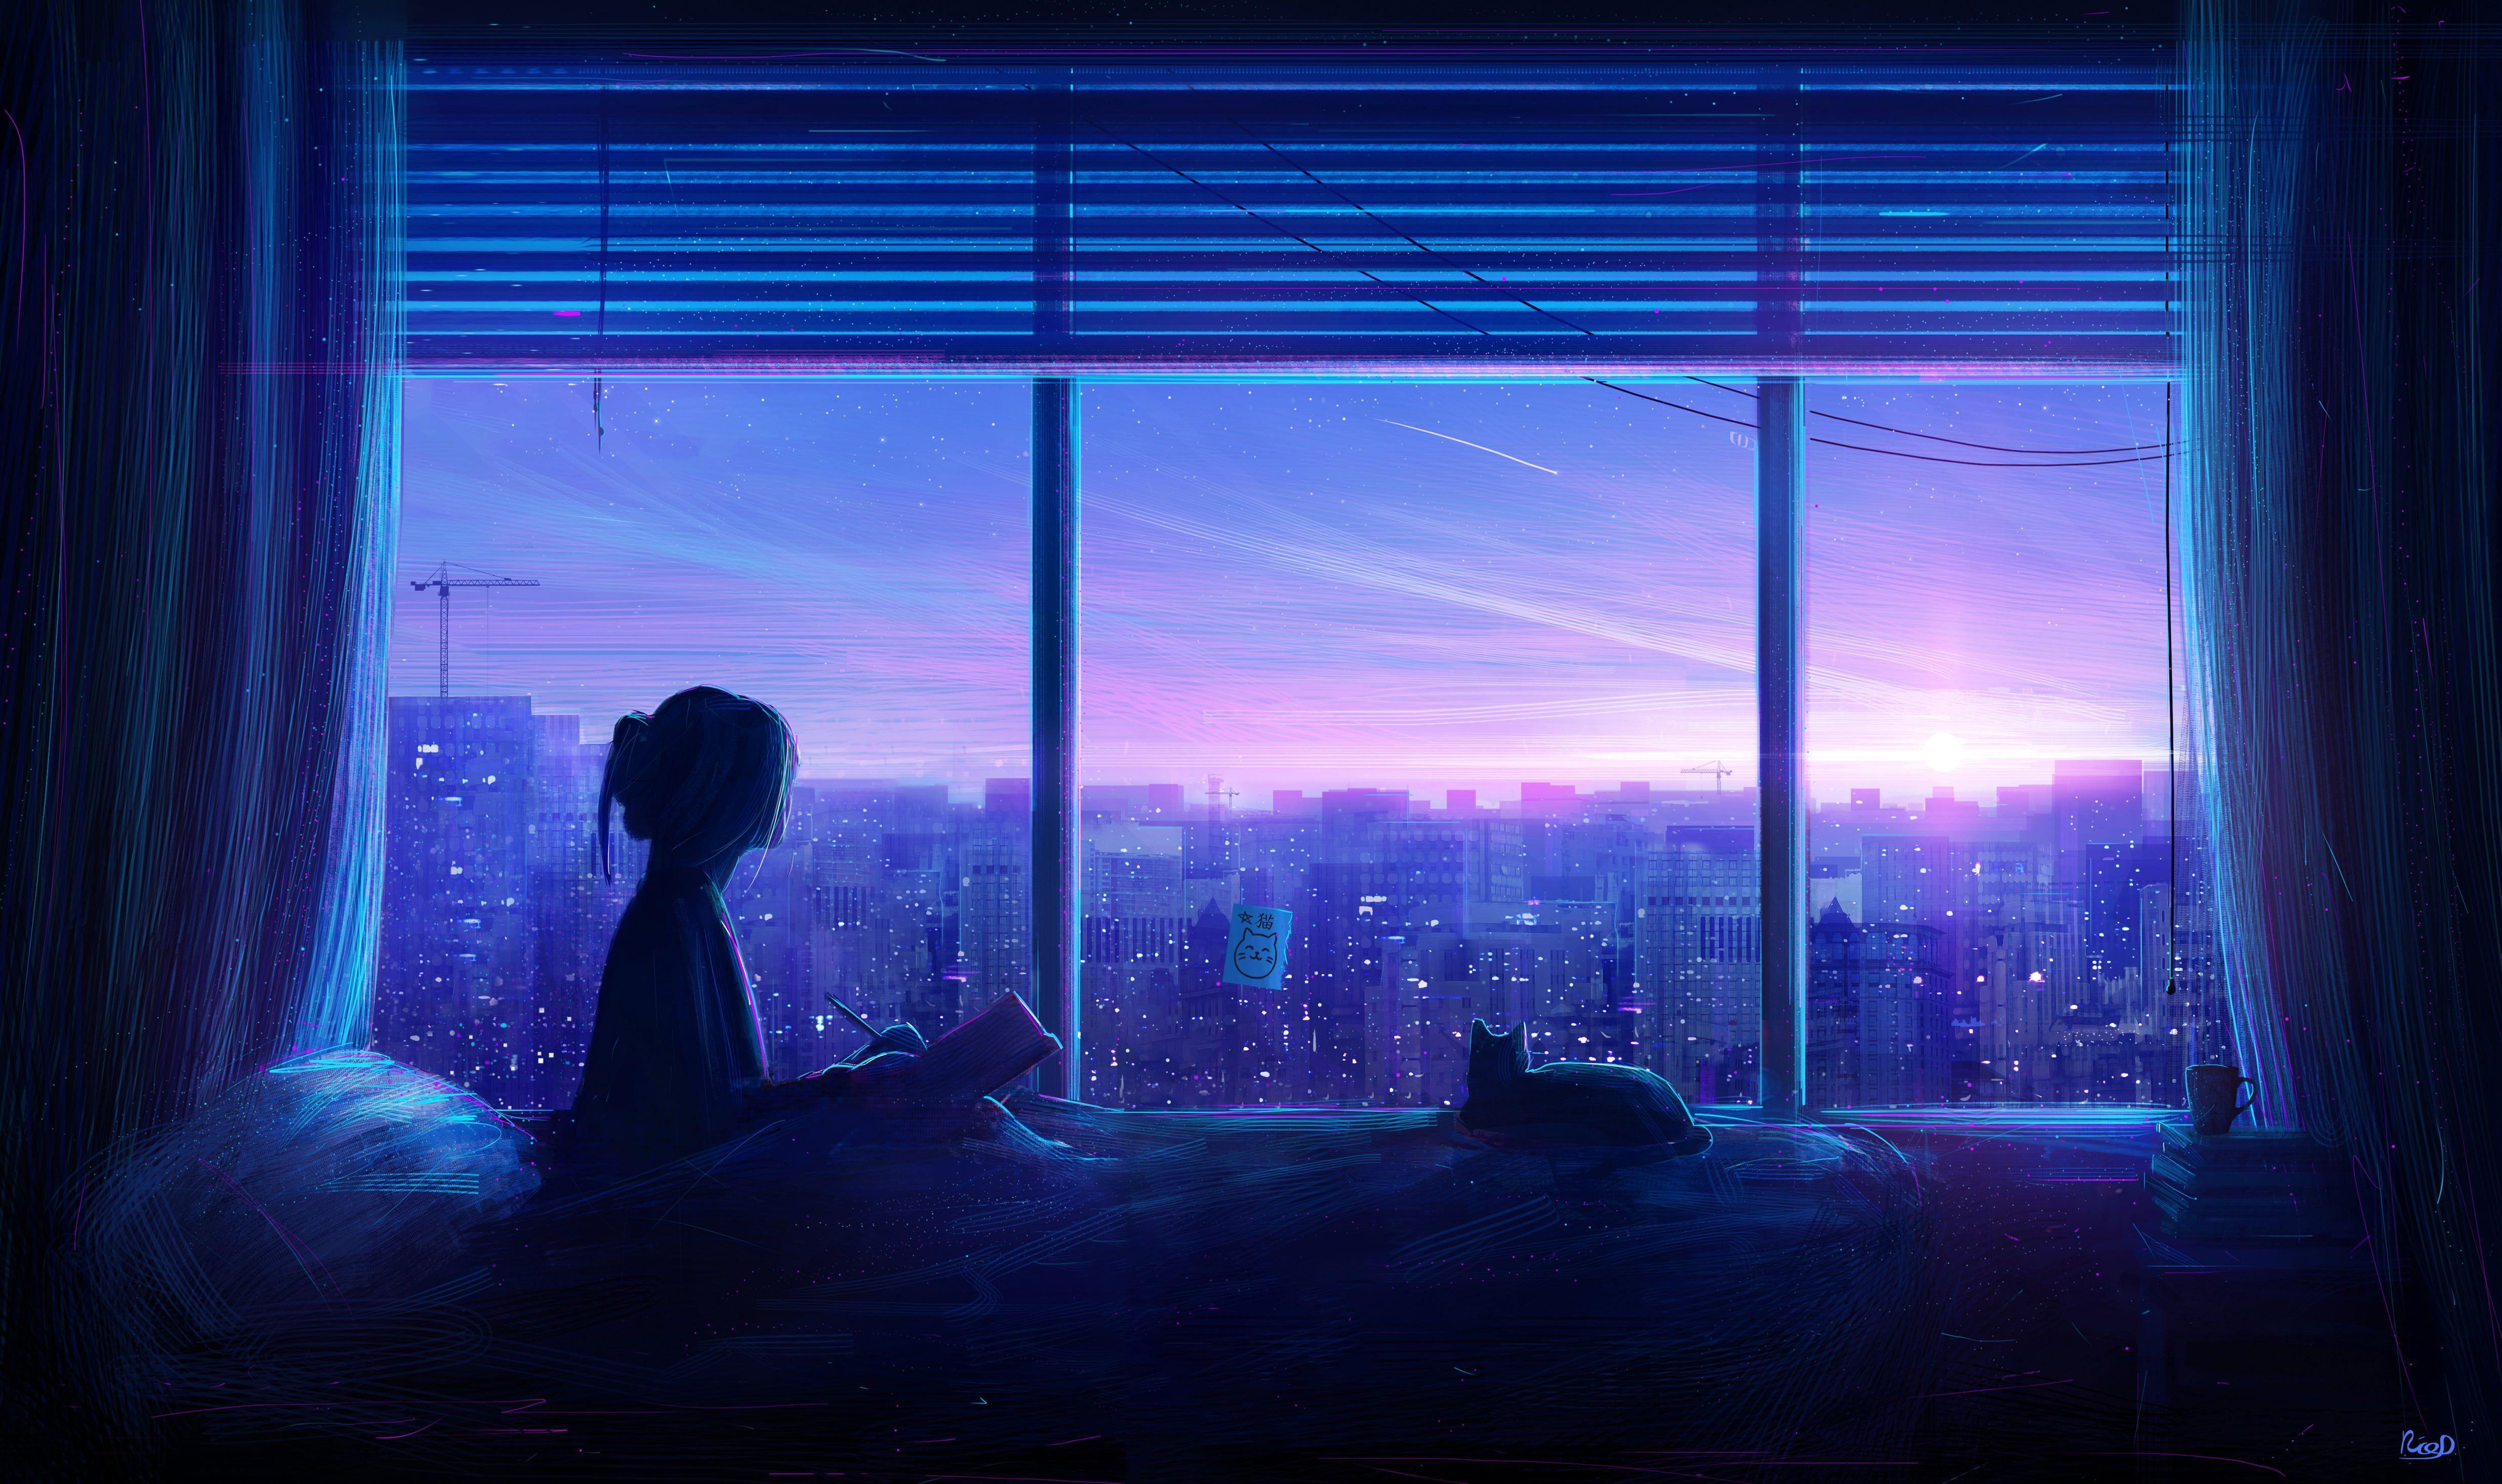 Anime 4k hd for macbook pro 1080p 2k 4k 5k hd wallpapers. Wallpaper 4K Pc Anime Aesthetic : Aesthetic Anime ...